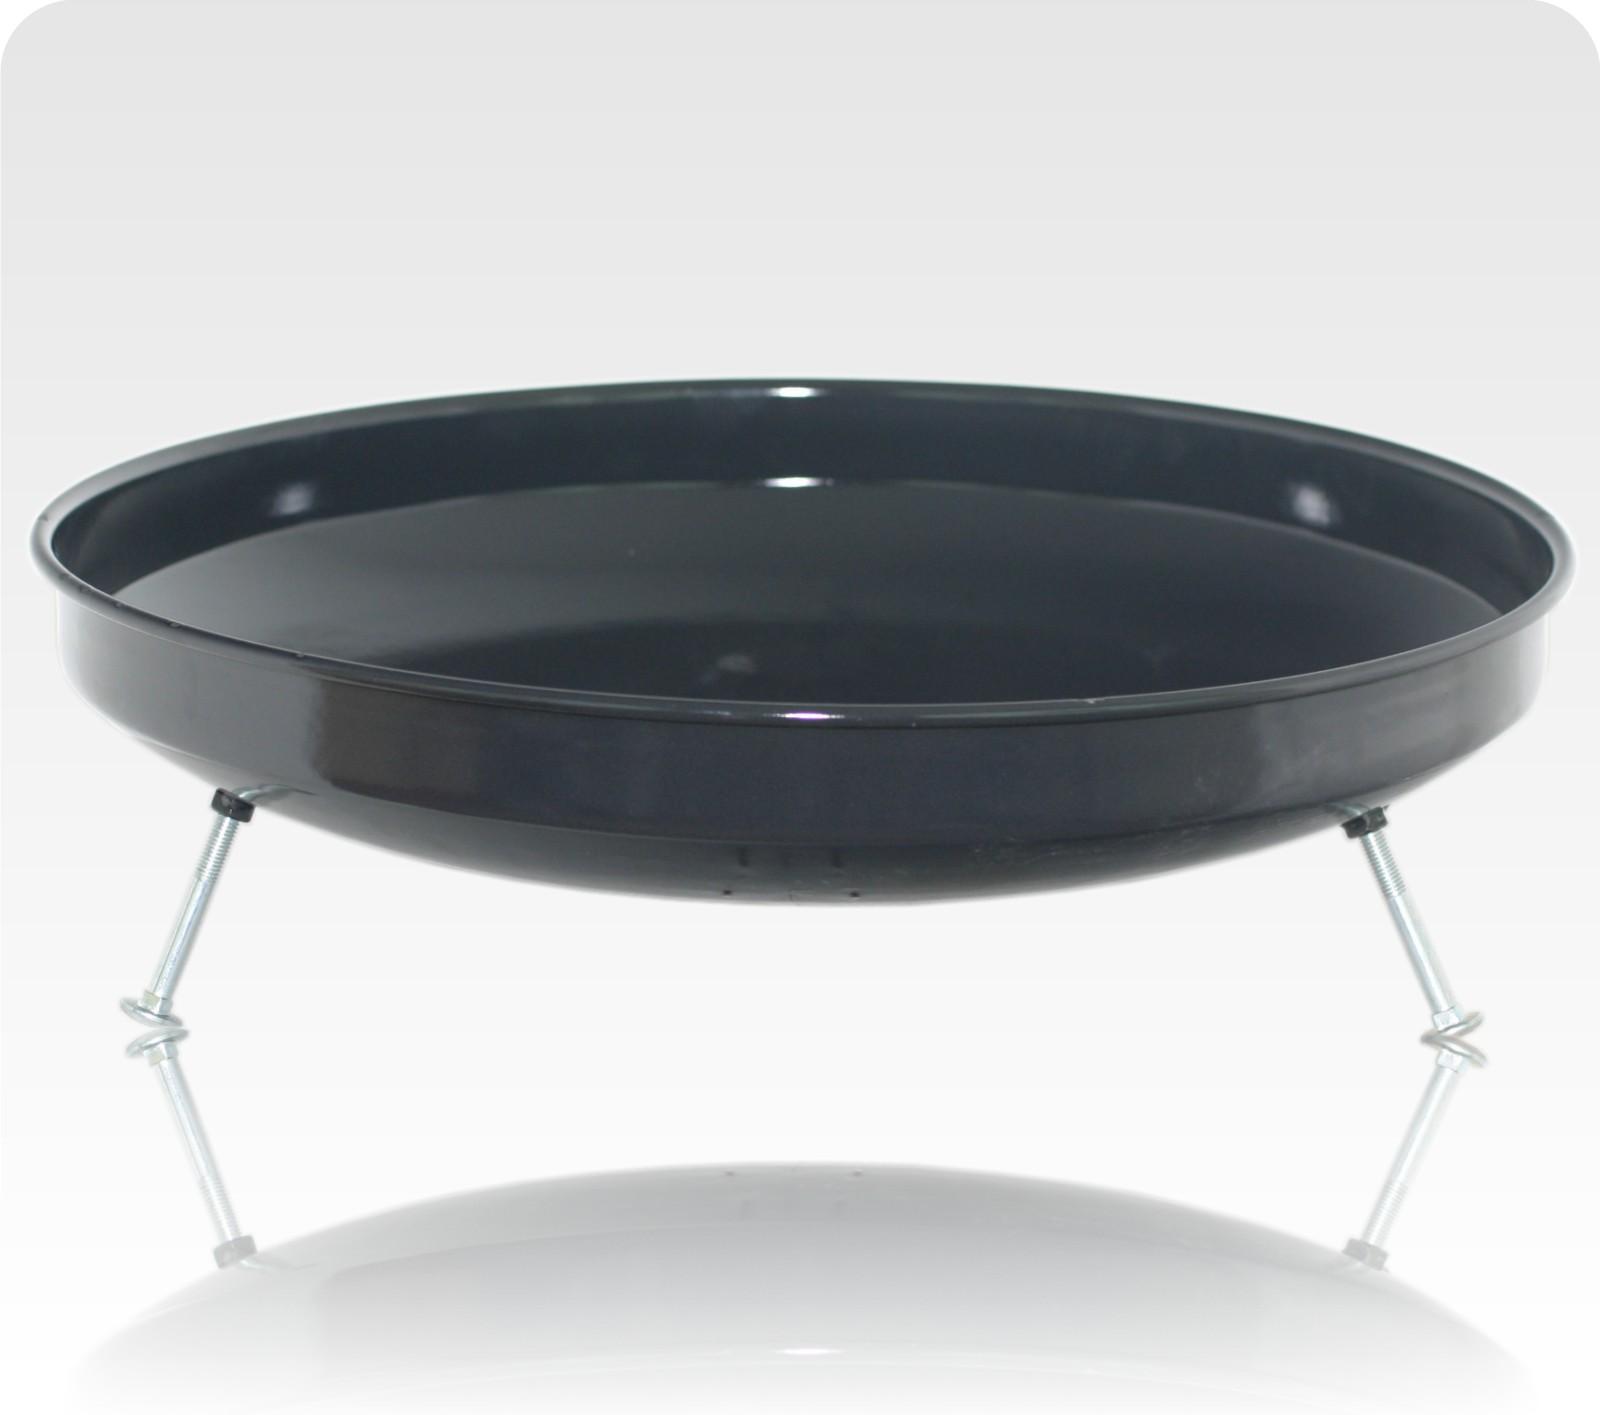 49 cm ungarische feuerschale gro f r gulaschkessel feuerstelle emailliert ebay. Black Bedroom Furniture Sets. Home Design Ideas